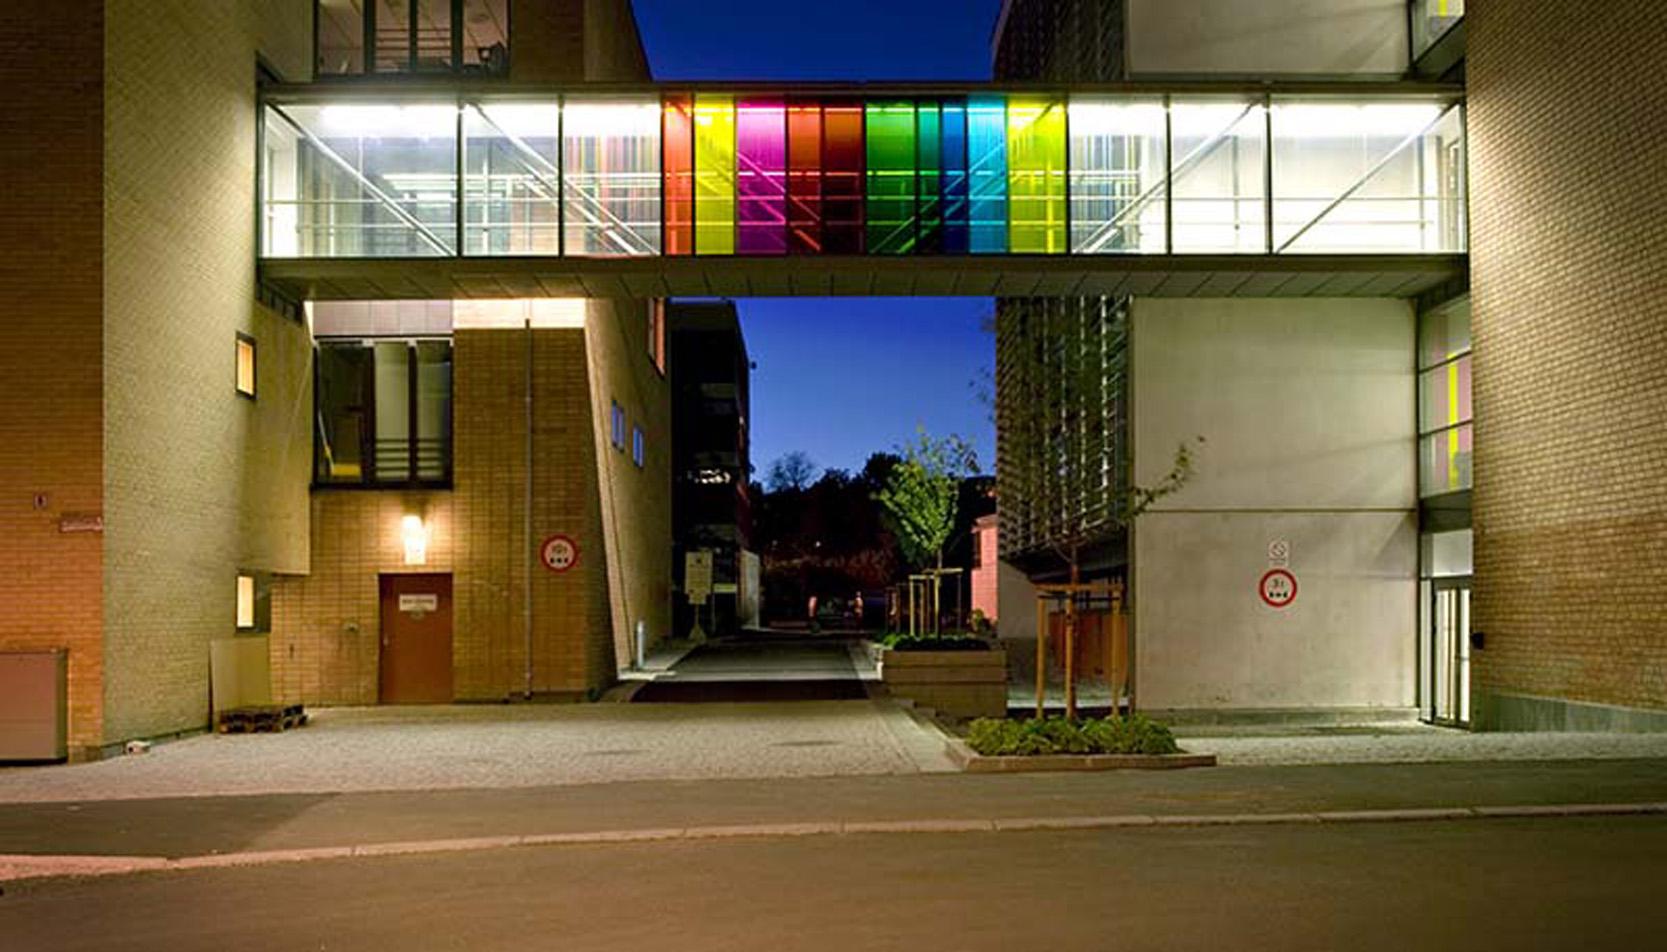 Norges Musikkhøgskole. Oslo. 2006-07. Silkscreen on glass.